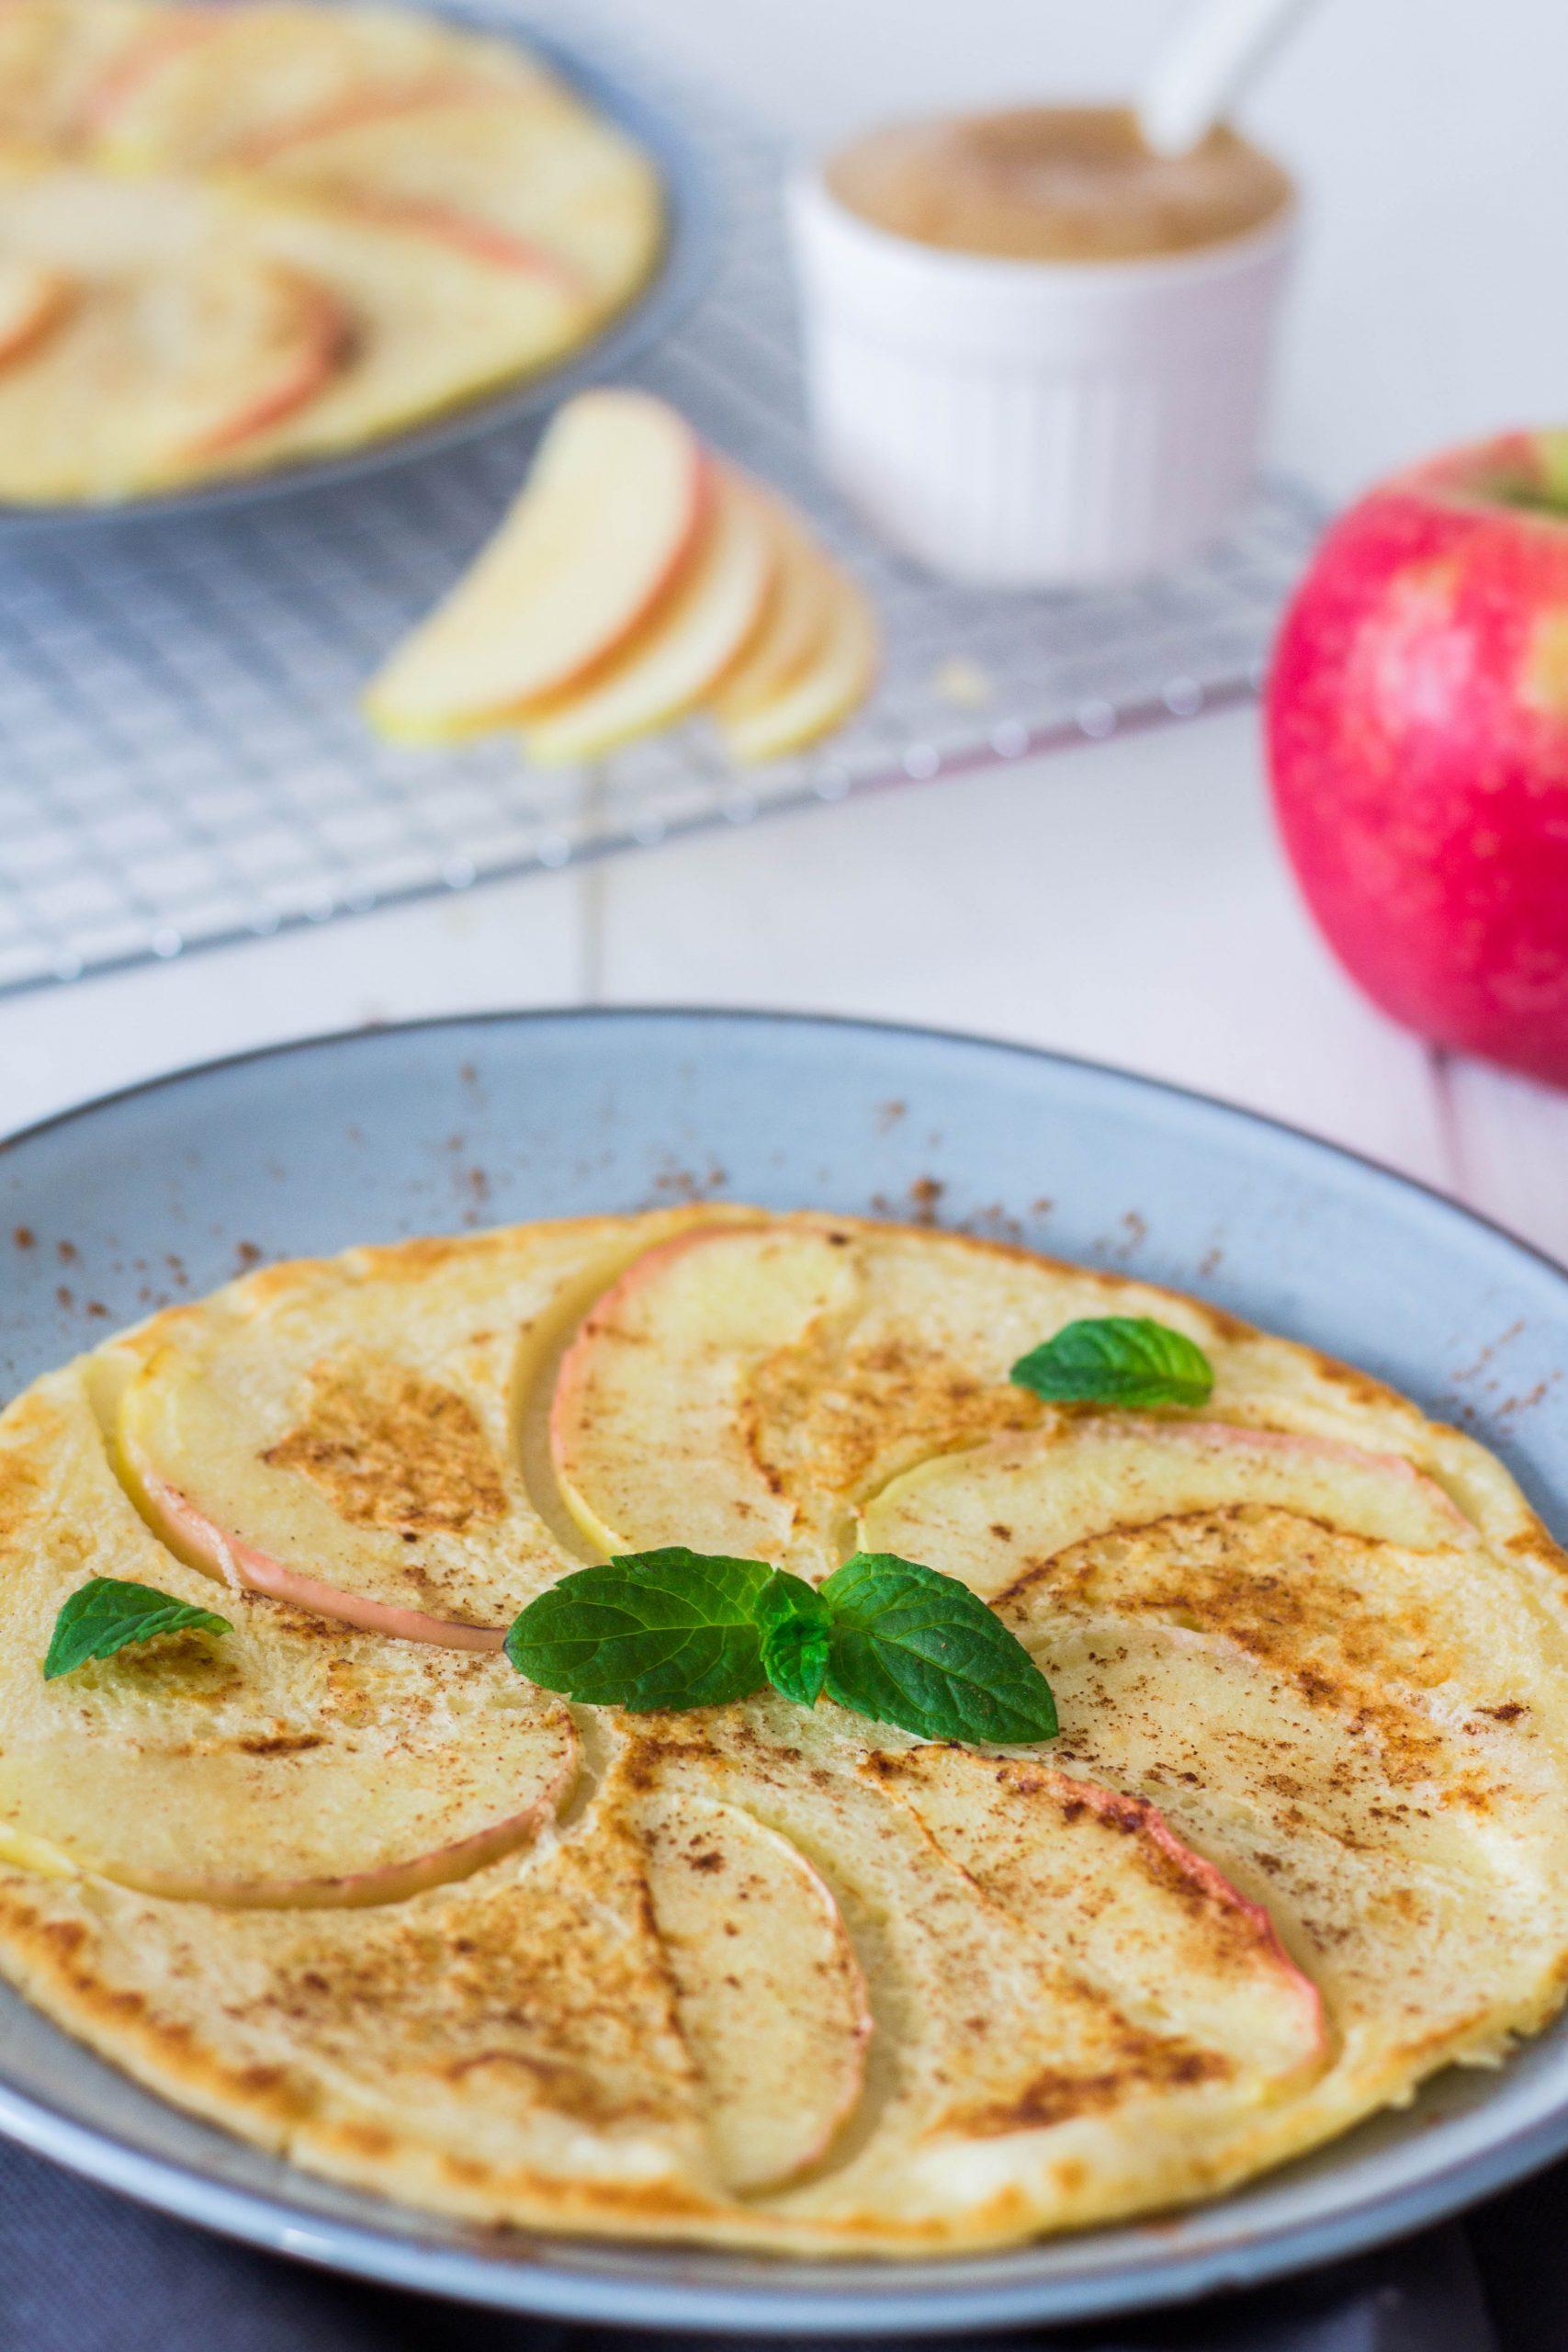 Apfelpfannkuchen ohne Zucker - leckeres Frühstück für die ganze Familie. Lieblingszwei.de